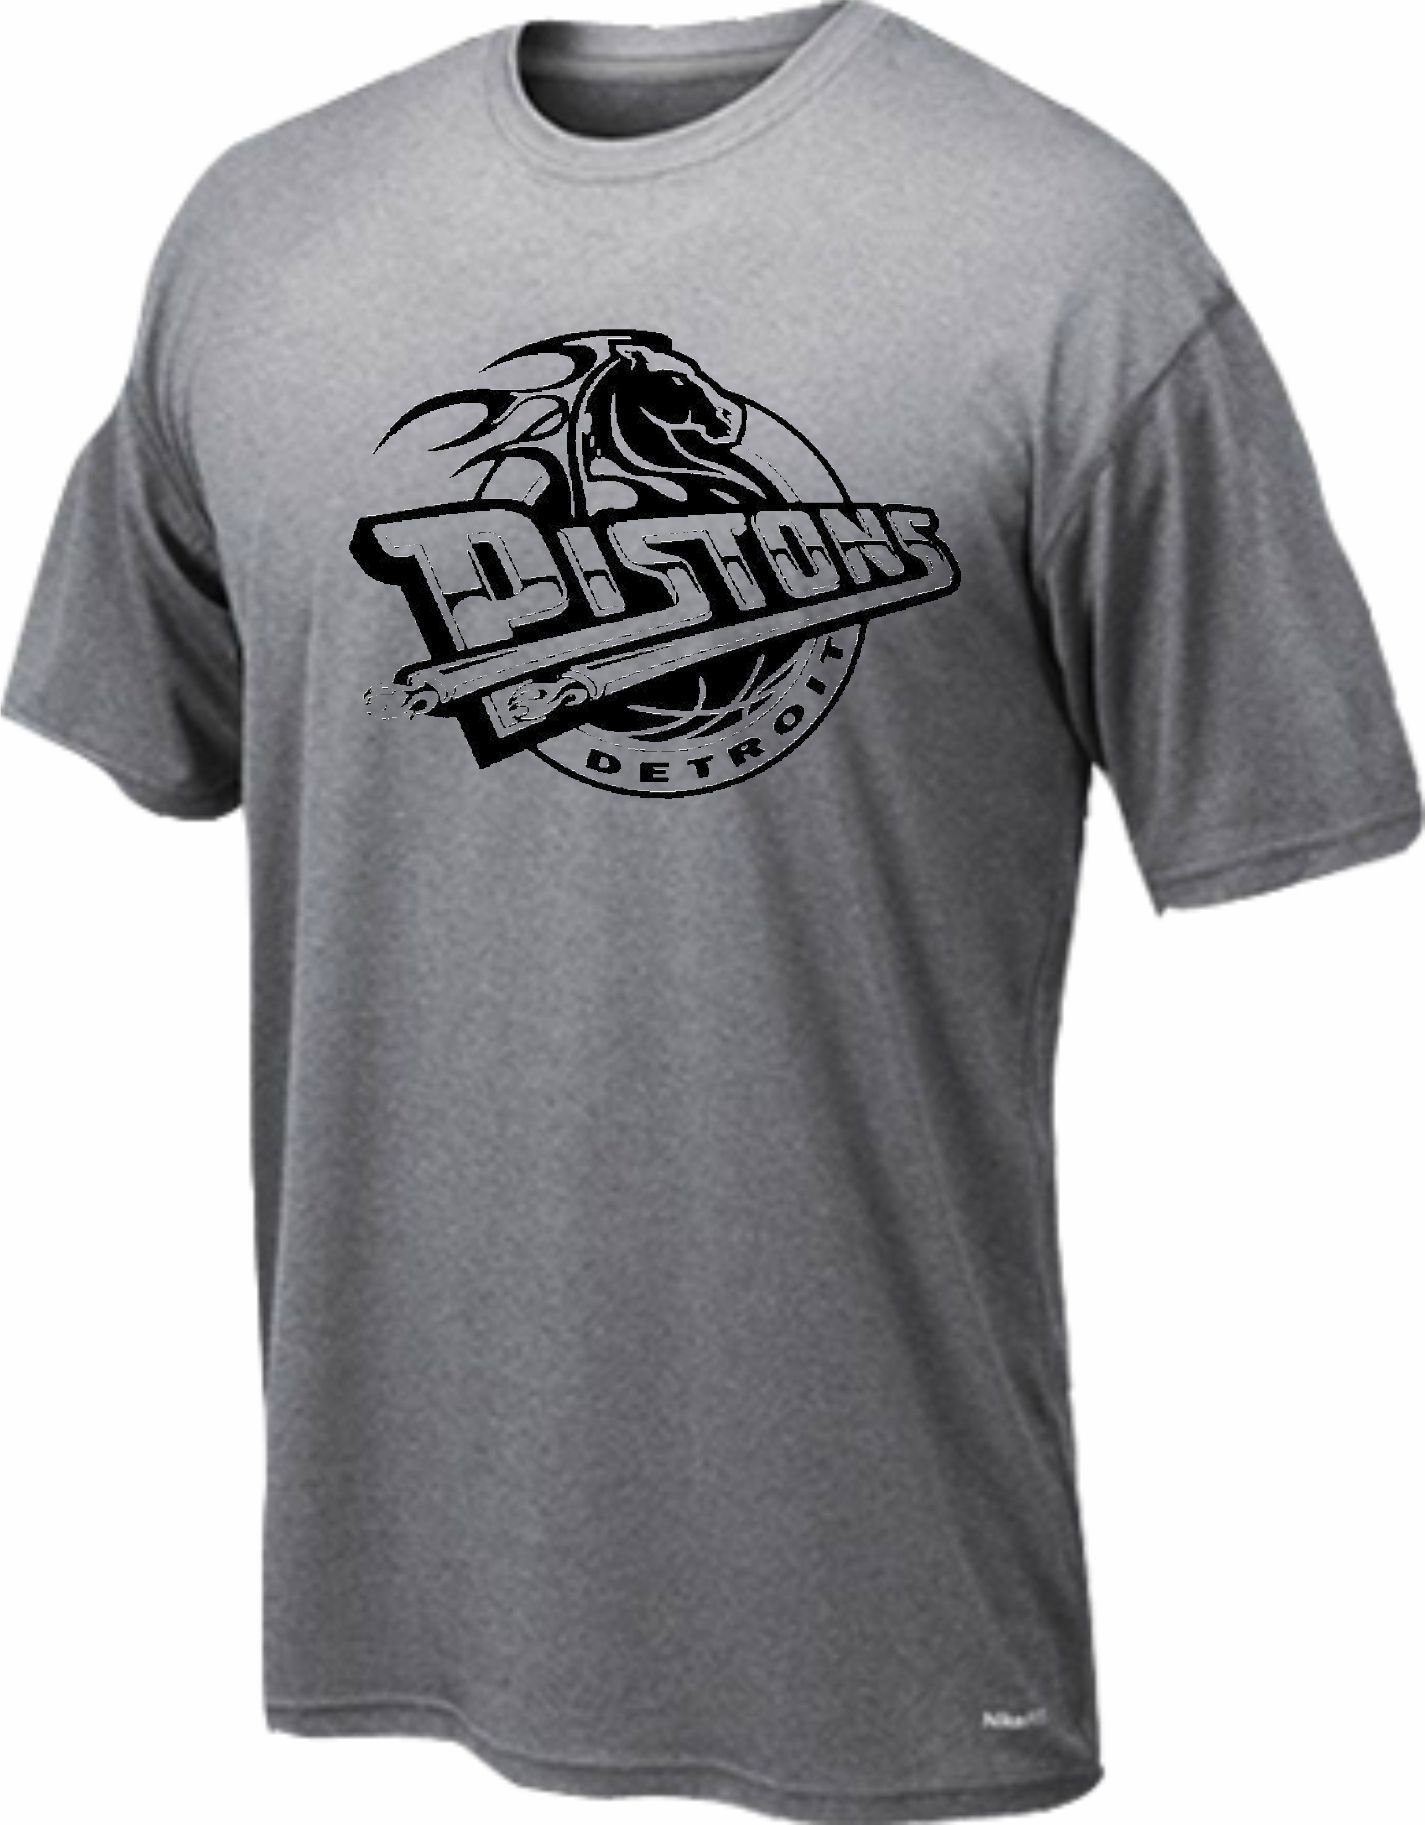 Dryfit t-shirt Detroit horse only black 247